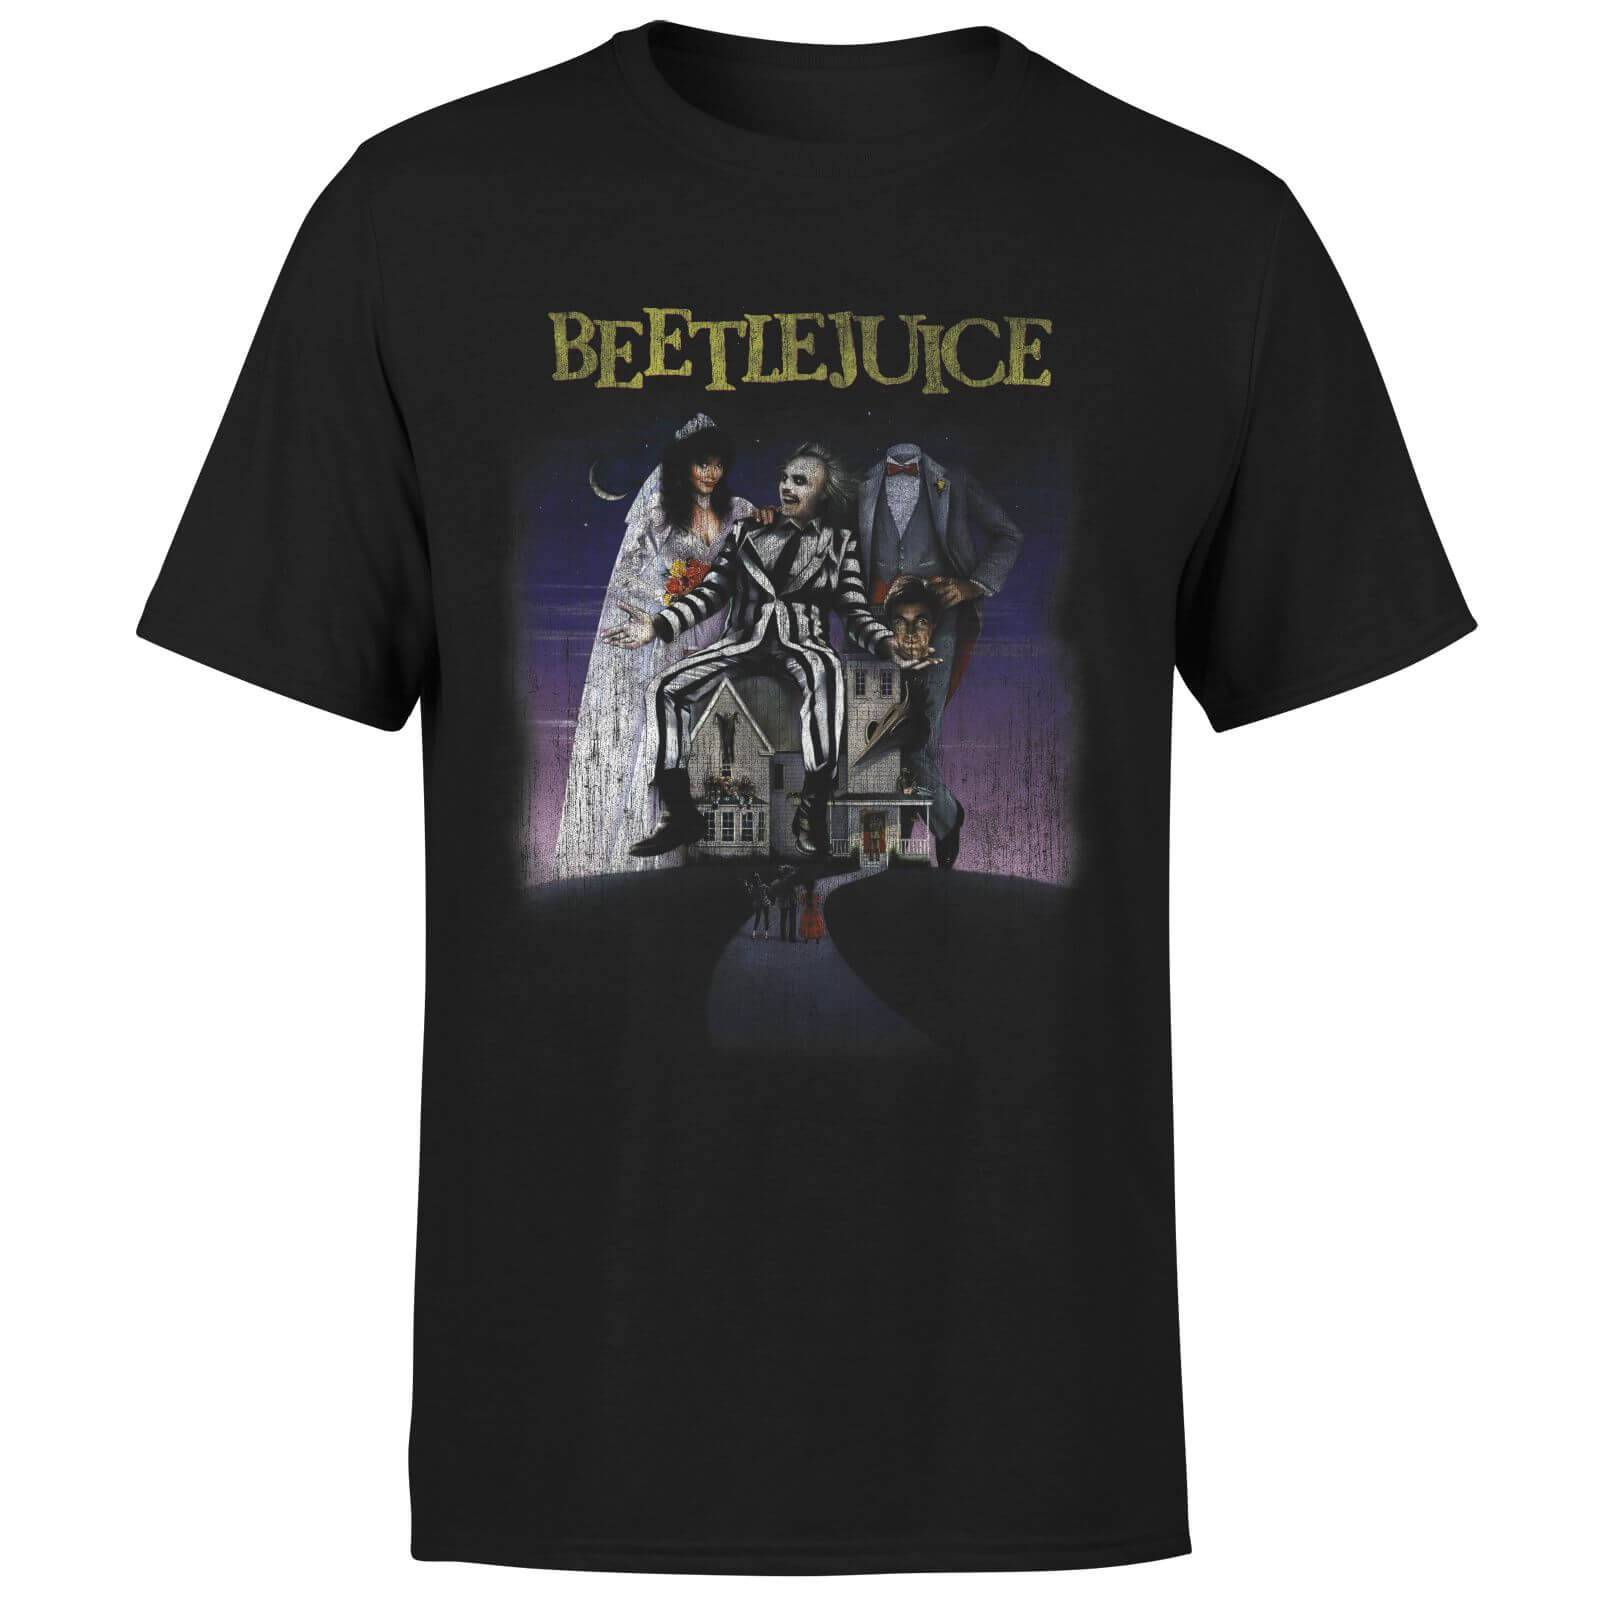 Beetlejuice T-Shirt Homme Affiche Abîmée Beetlejuice - Noir - XS - Noir